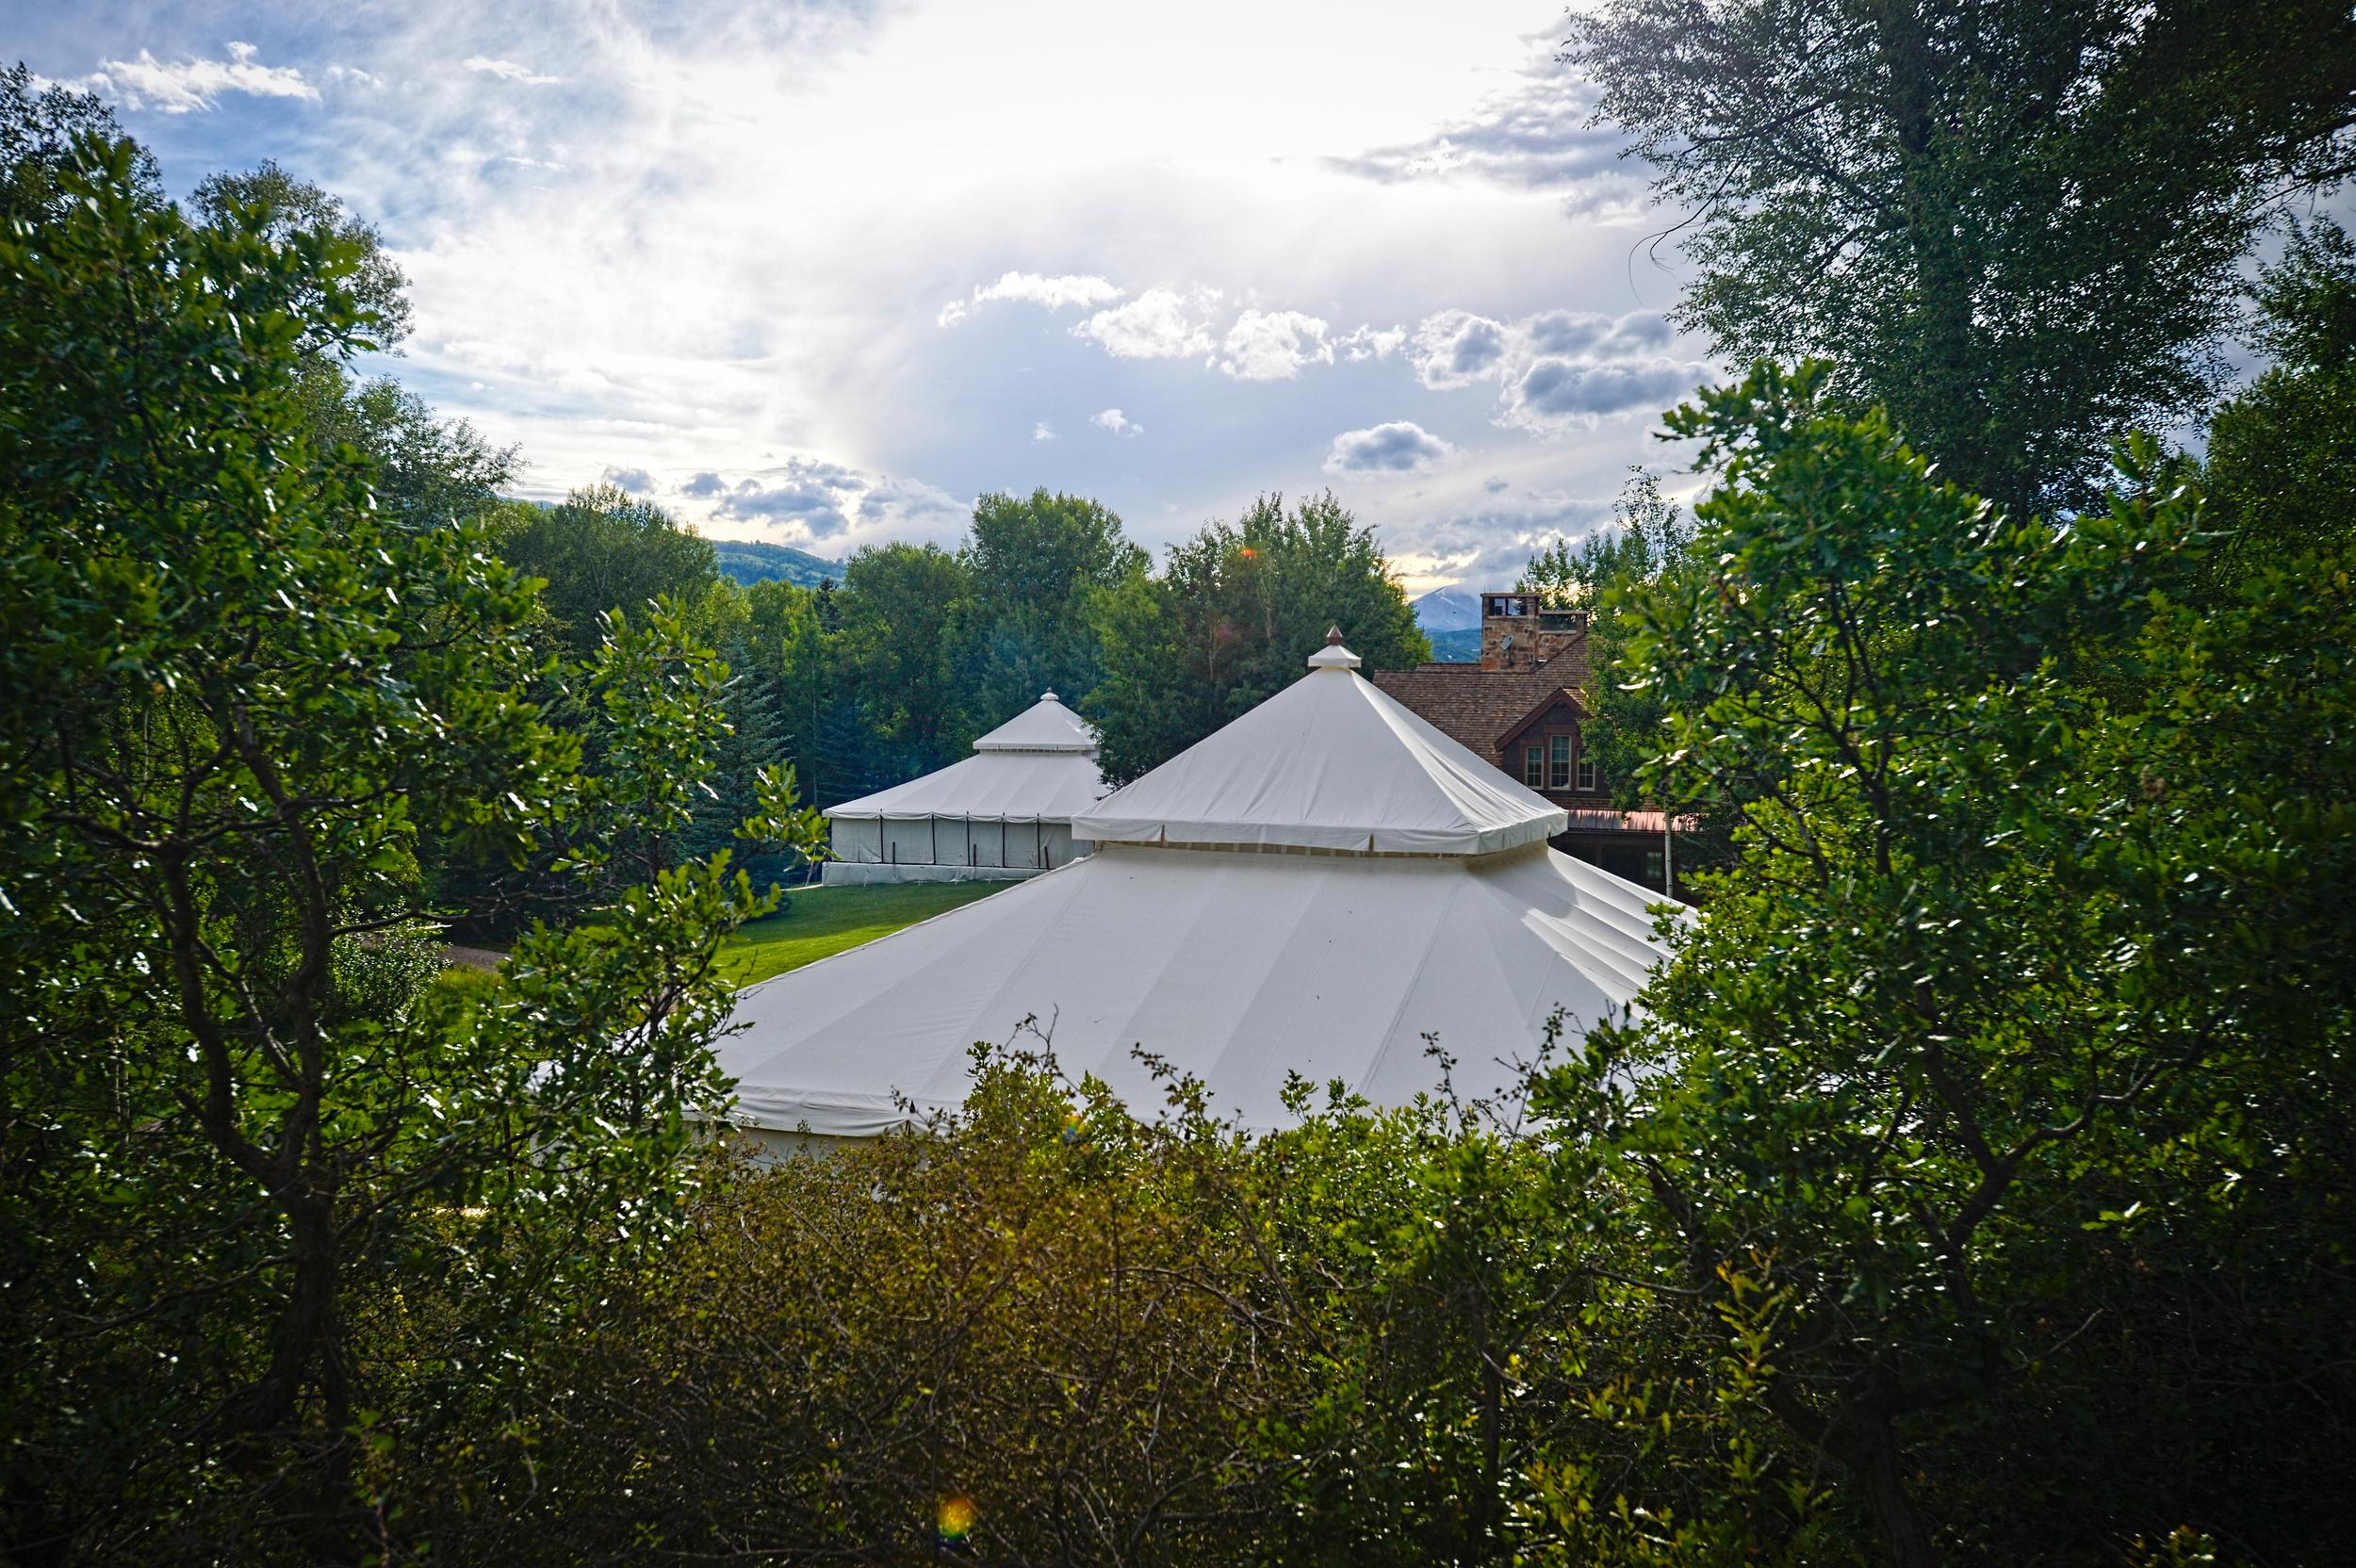 White Wedding Tents in Aspen Backyard